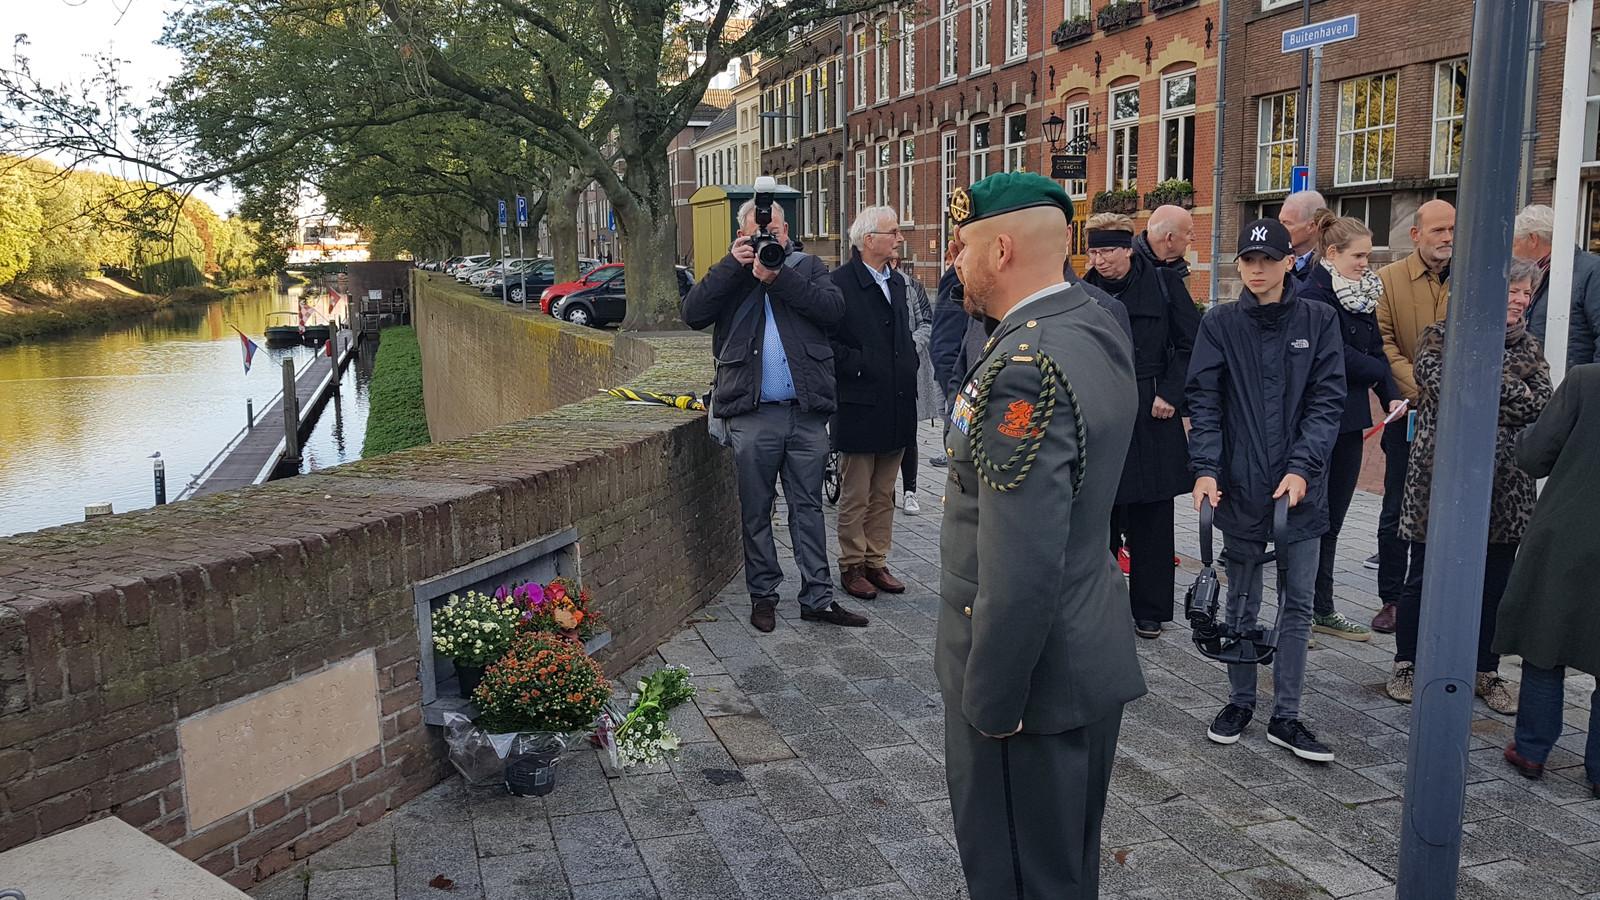 Veteraan Marco Kroon (drager van de Militaire Willems-Orde) brengt een groet bij de Bossche herdenksteen.